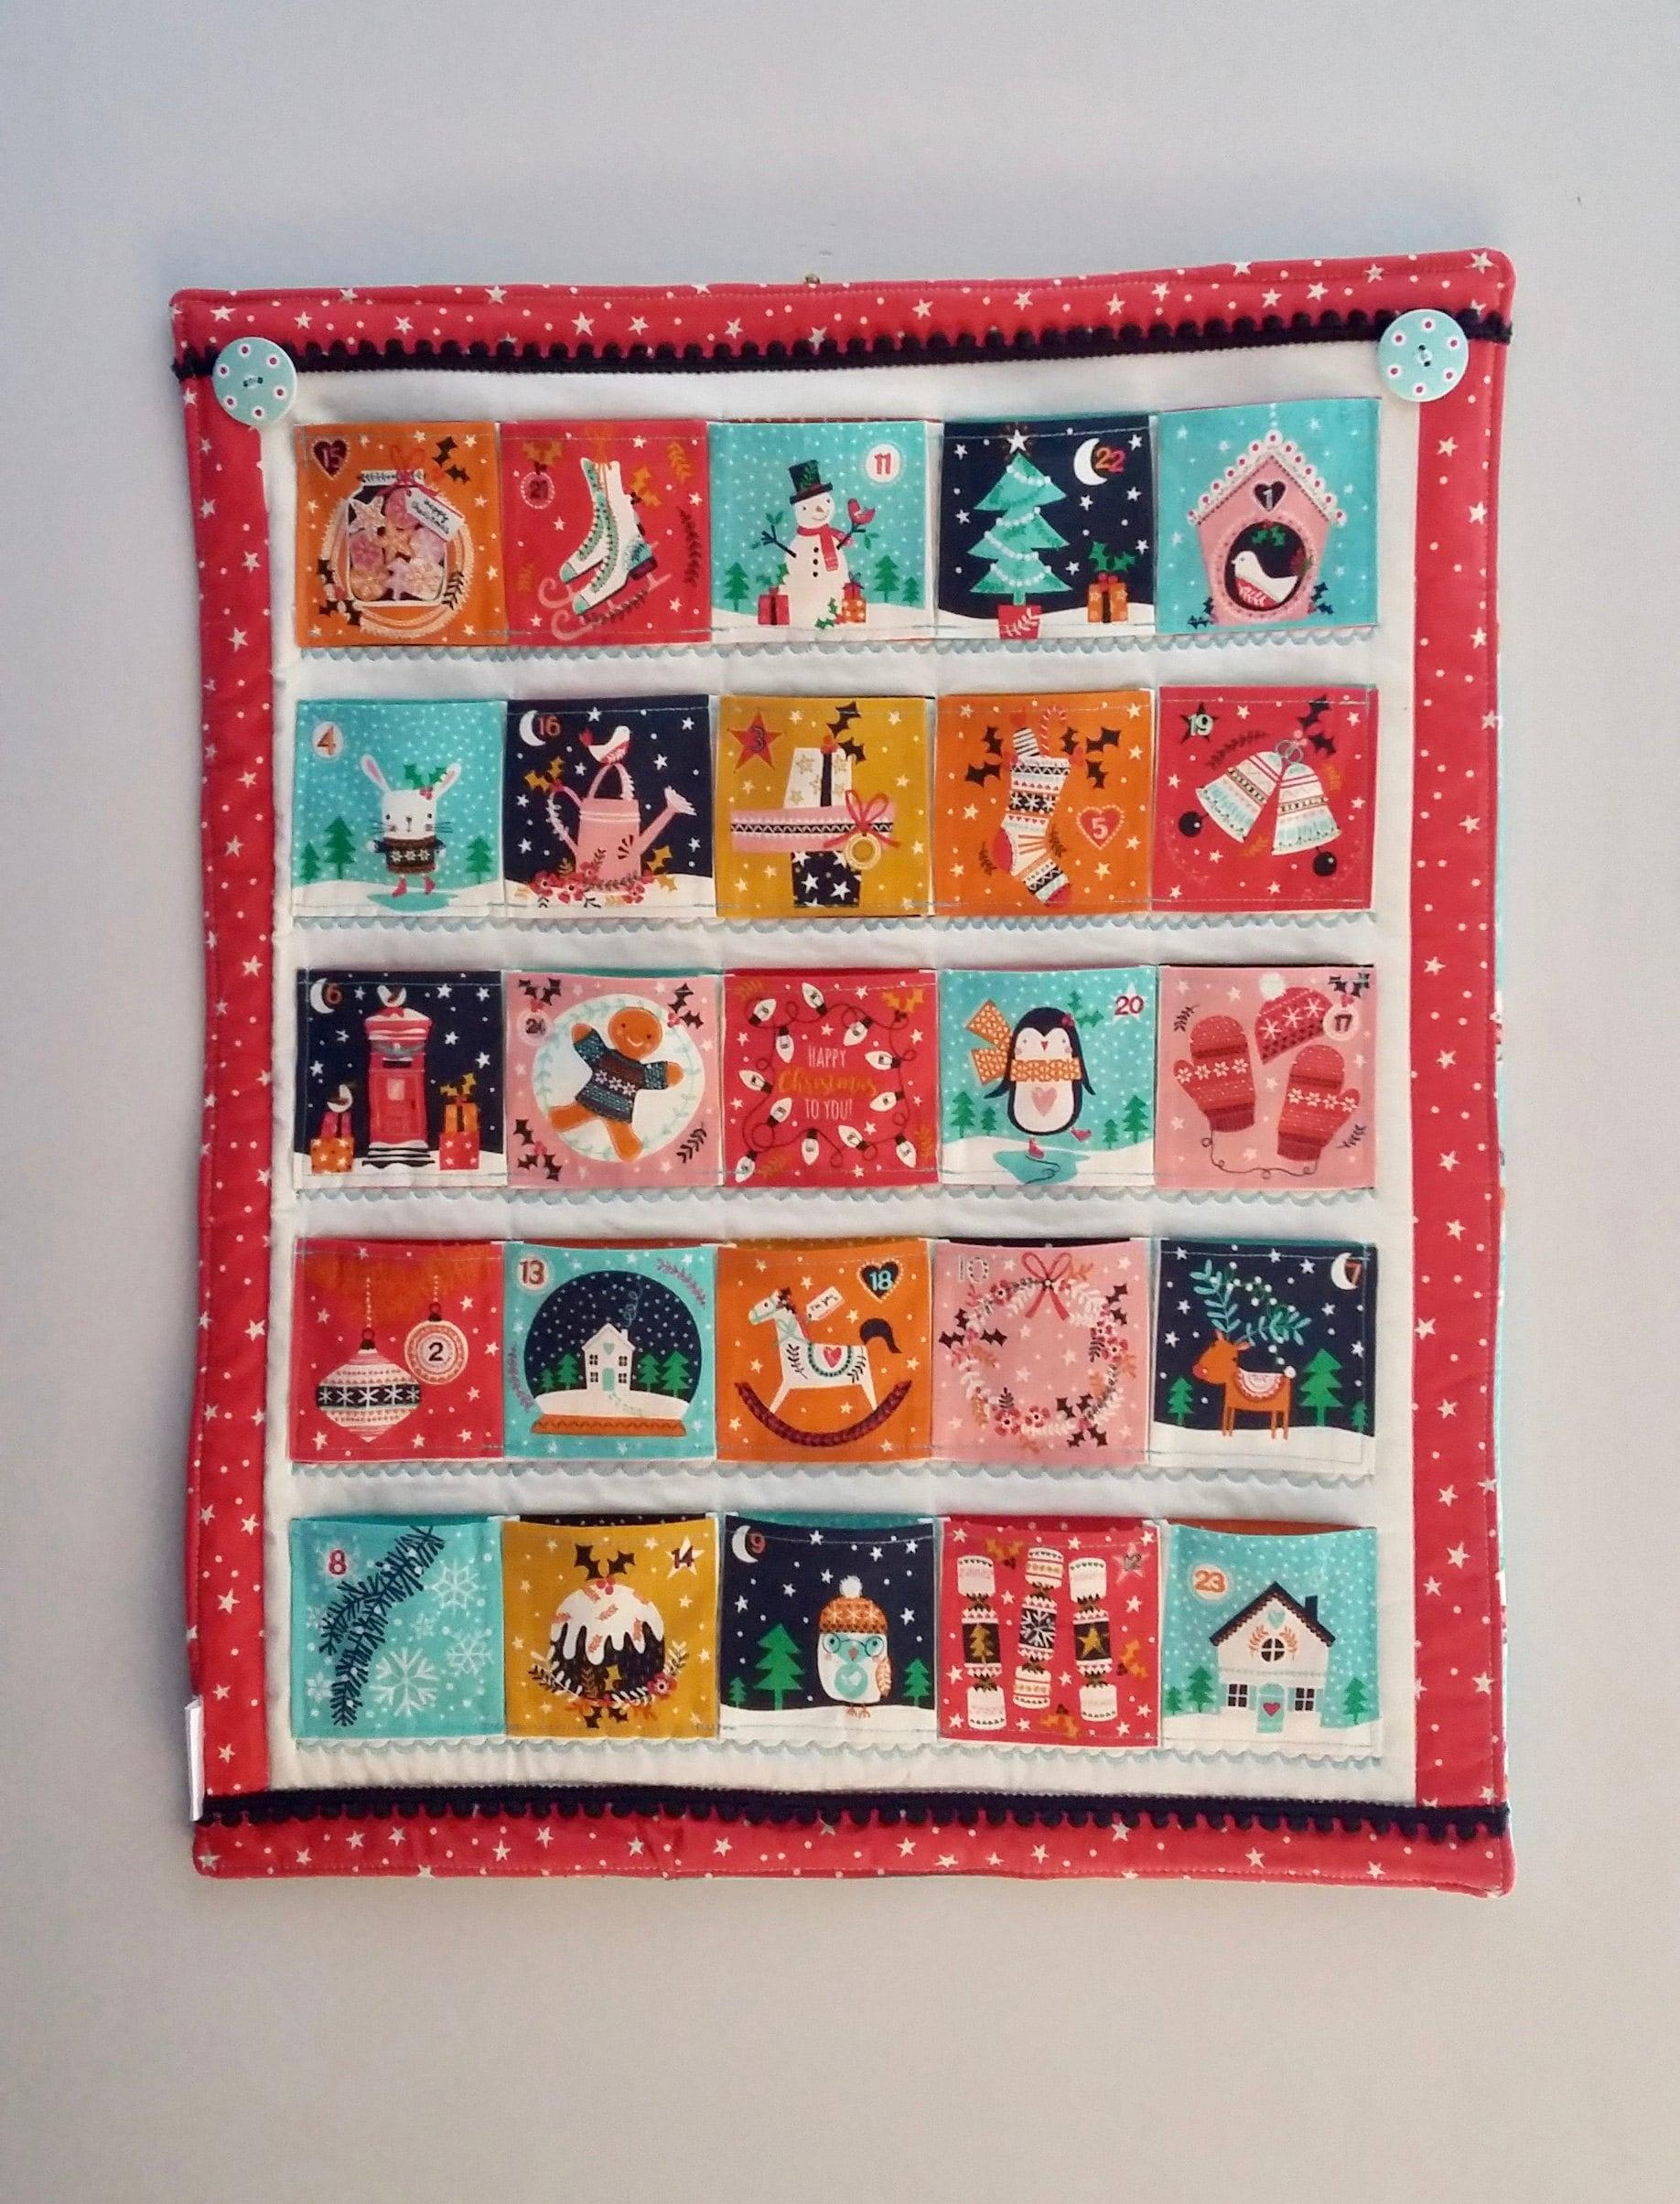 A Merry Little Christmas - my latest advent calendar